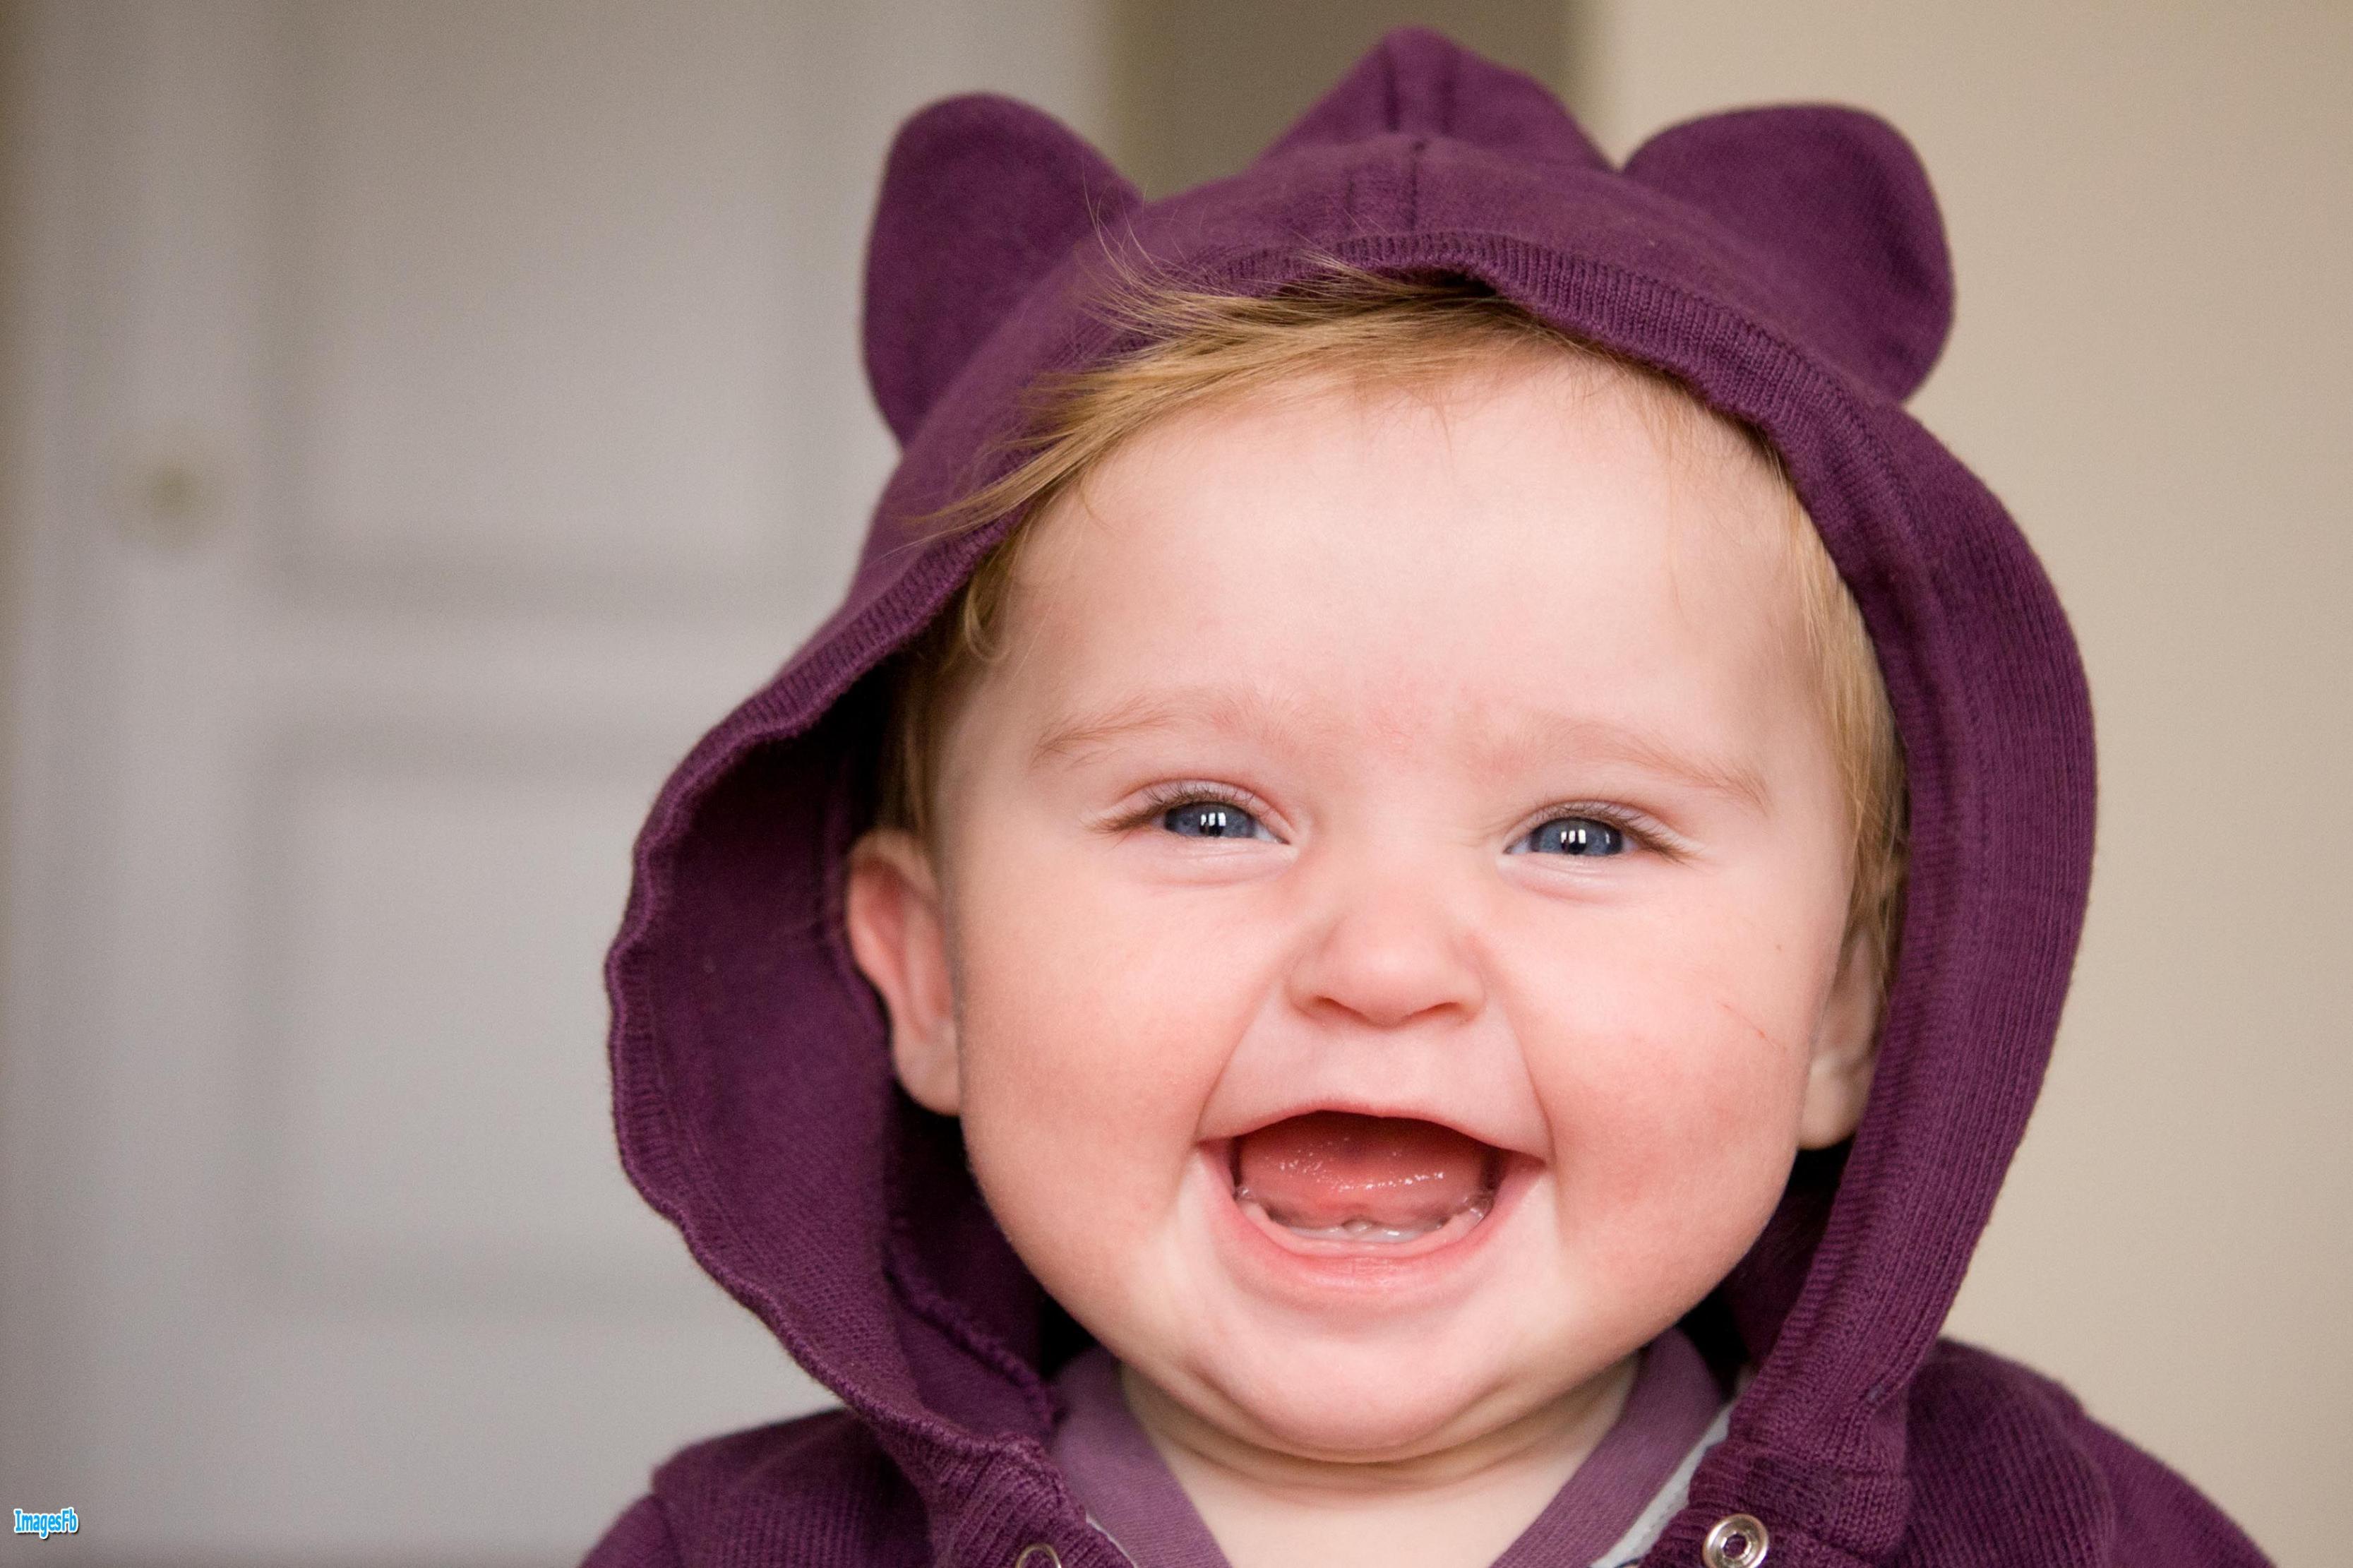 اجمل الصور اطفال فى العالم فيس بوك اجمل طفل فالعالم دلع ورد